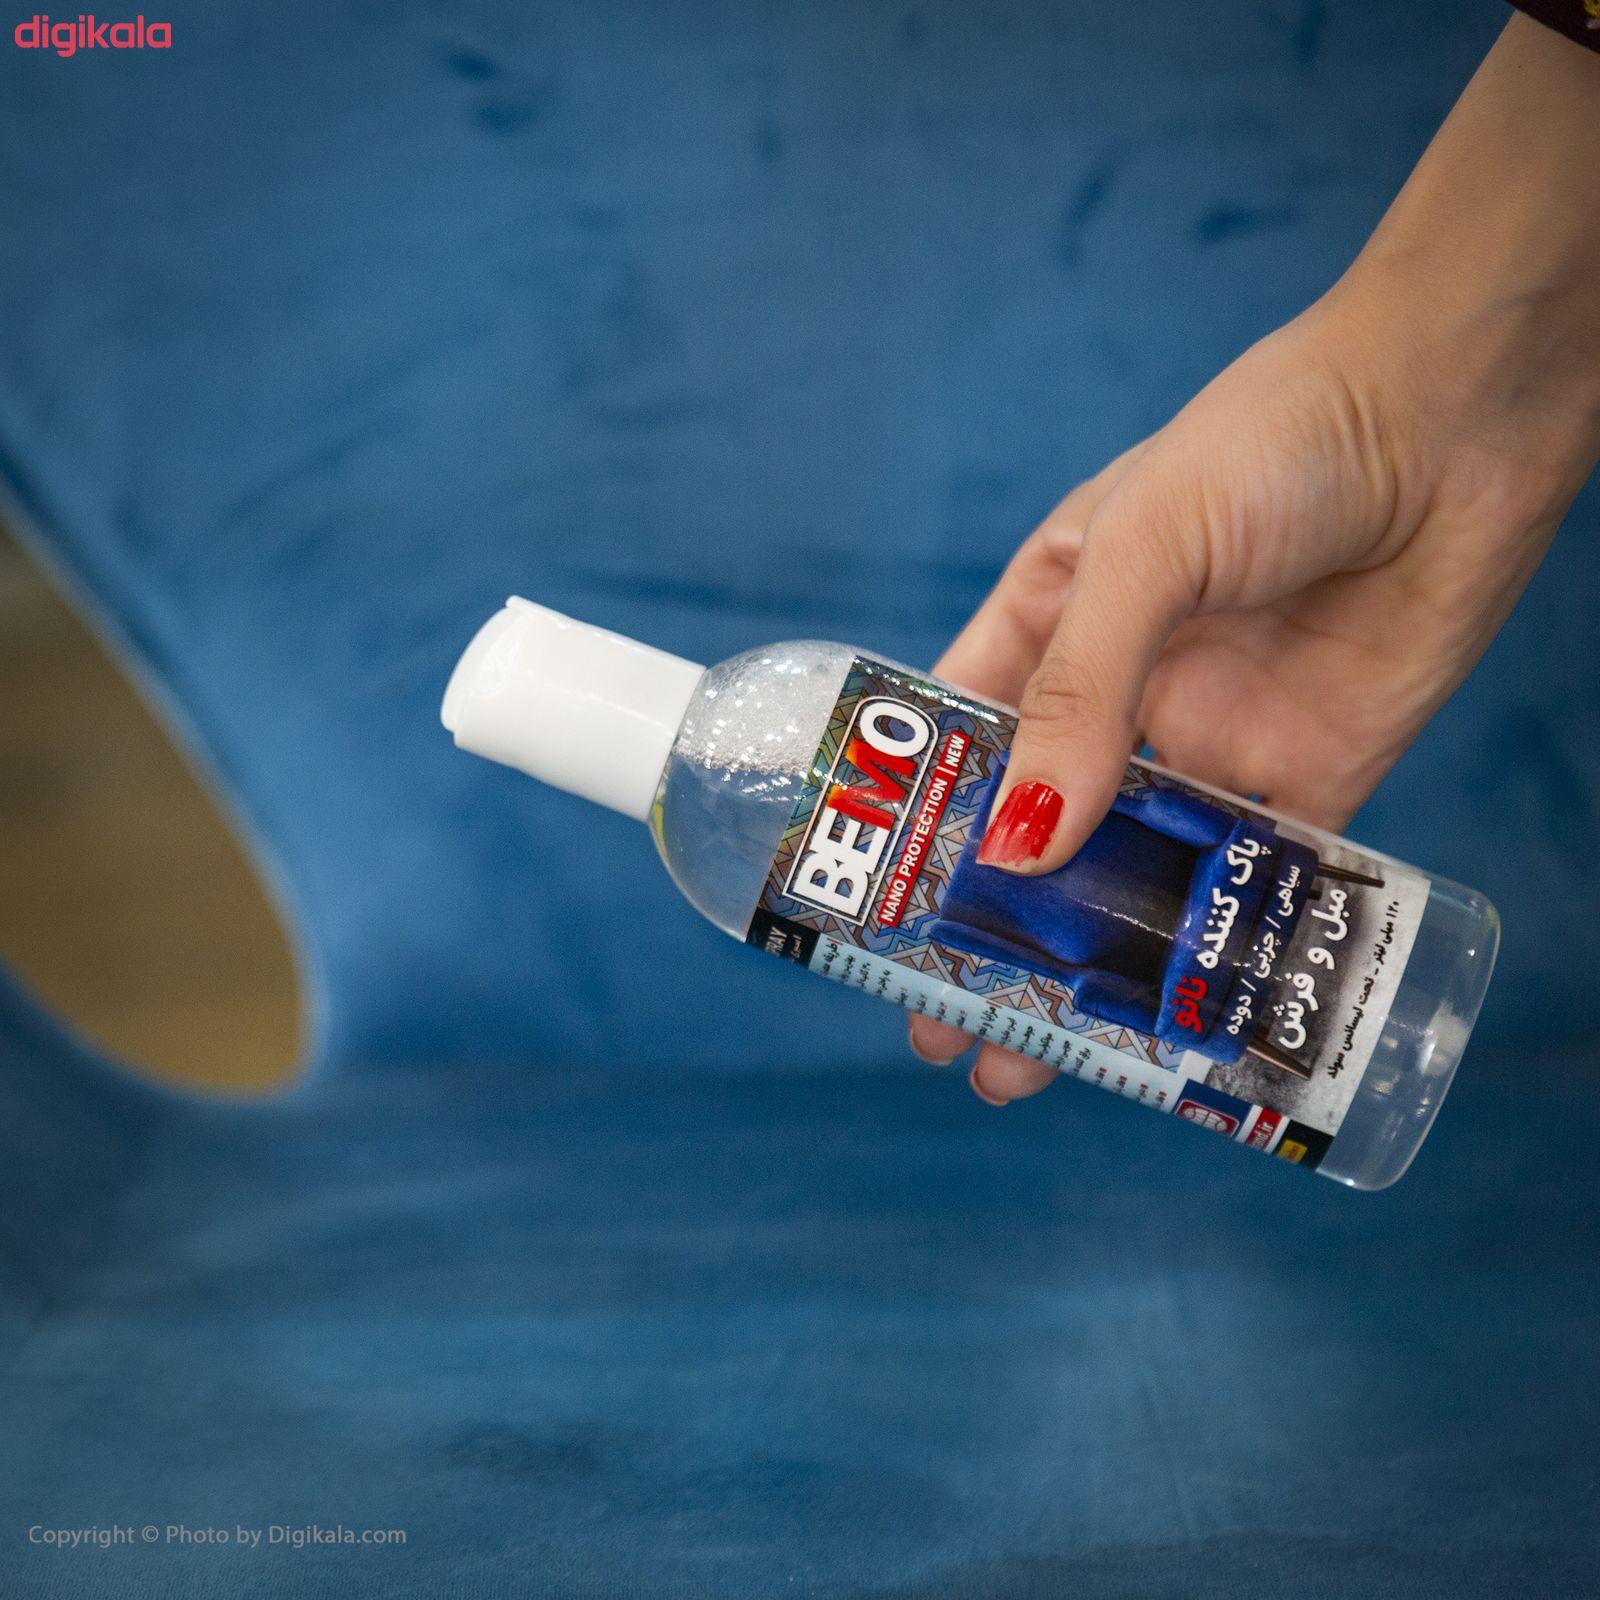 مایع پاک کننده مبل و فرش بمو مدل FAN2 حجم 250 میلی لیتر بسته 3 عددی main 1 7